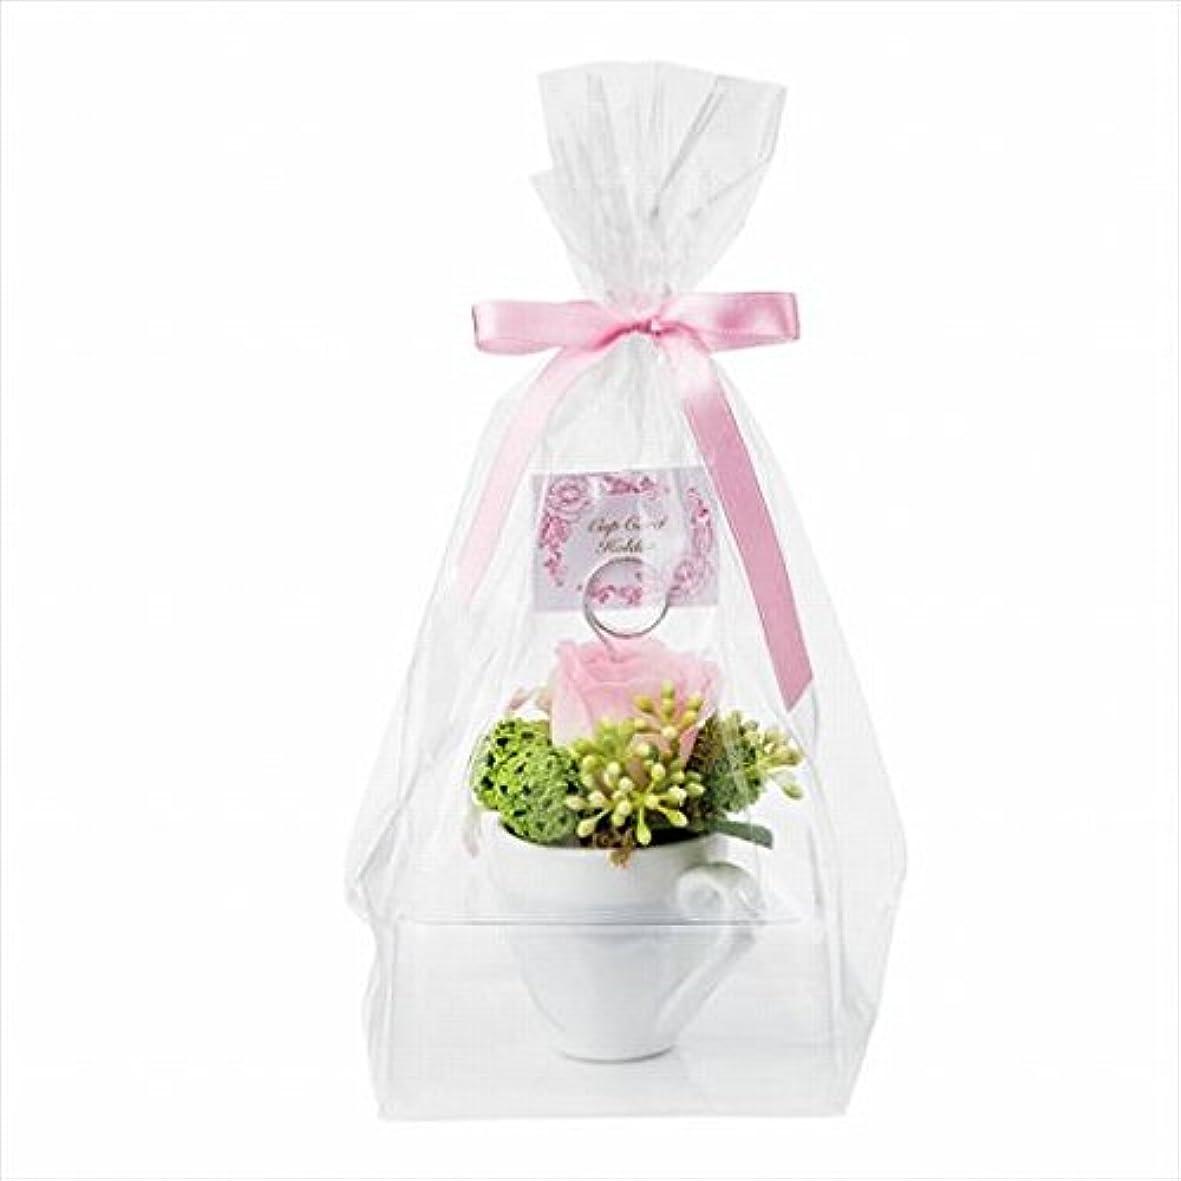 人物赤ちゃんフィットカメヤマキャンドル(kameyama candle) プチカップカードホルダー 「 ピンク 」